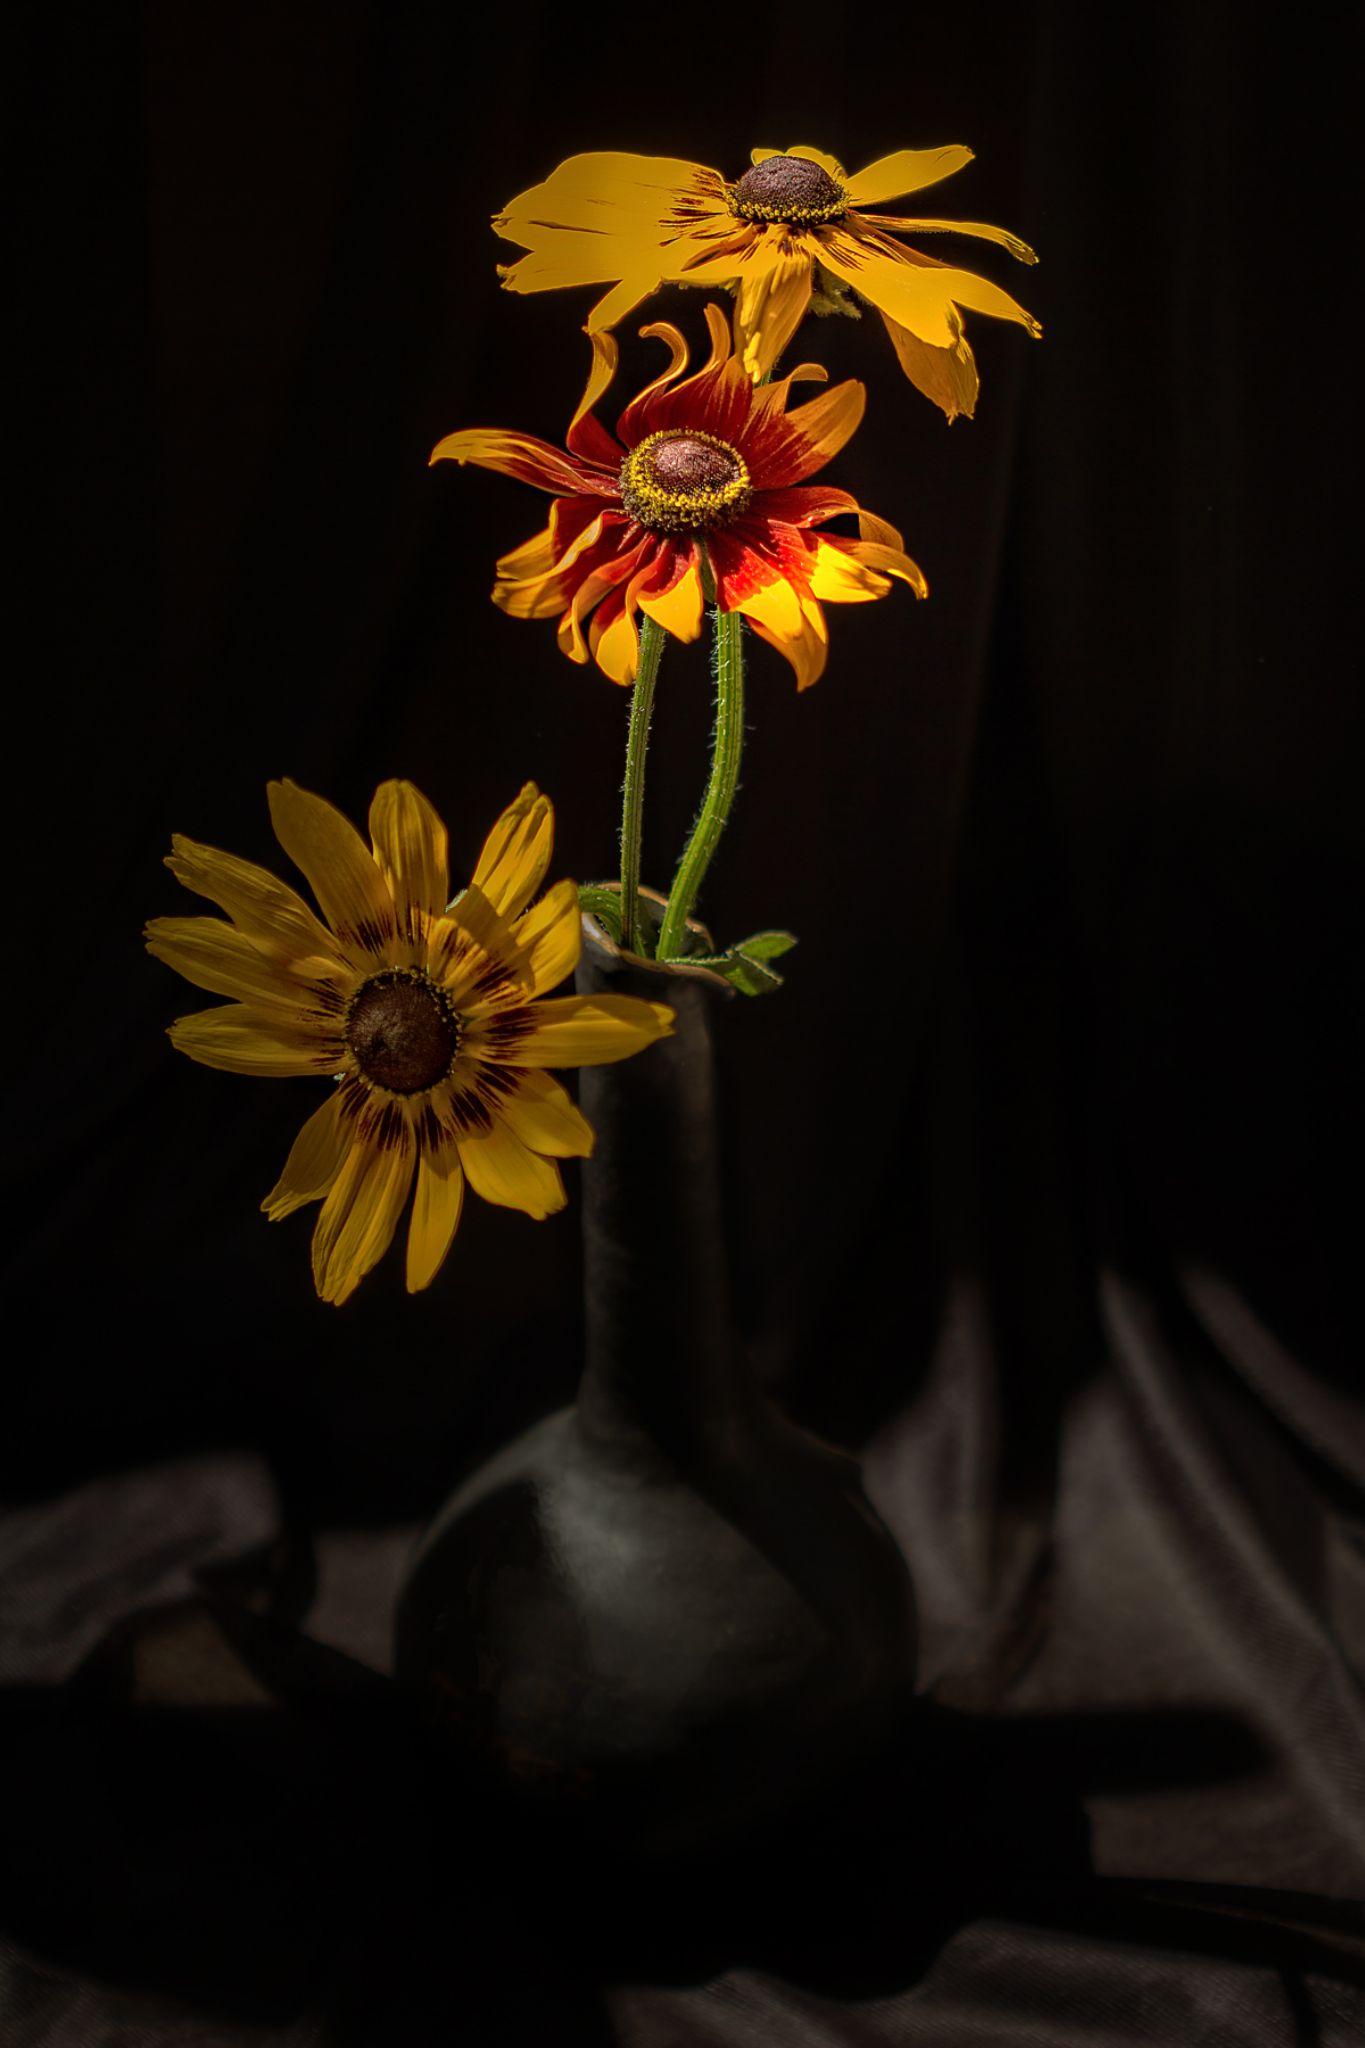 Fire flower by Rucsandra Calin